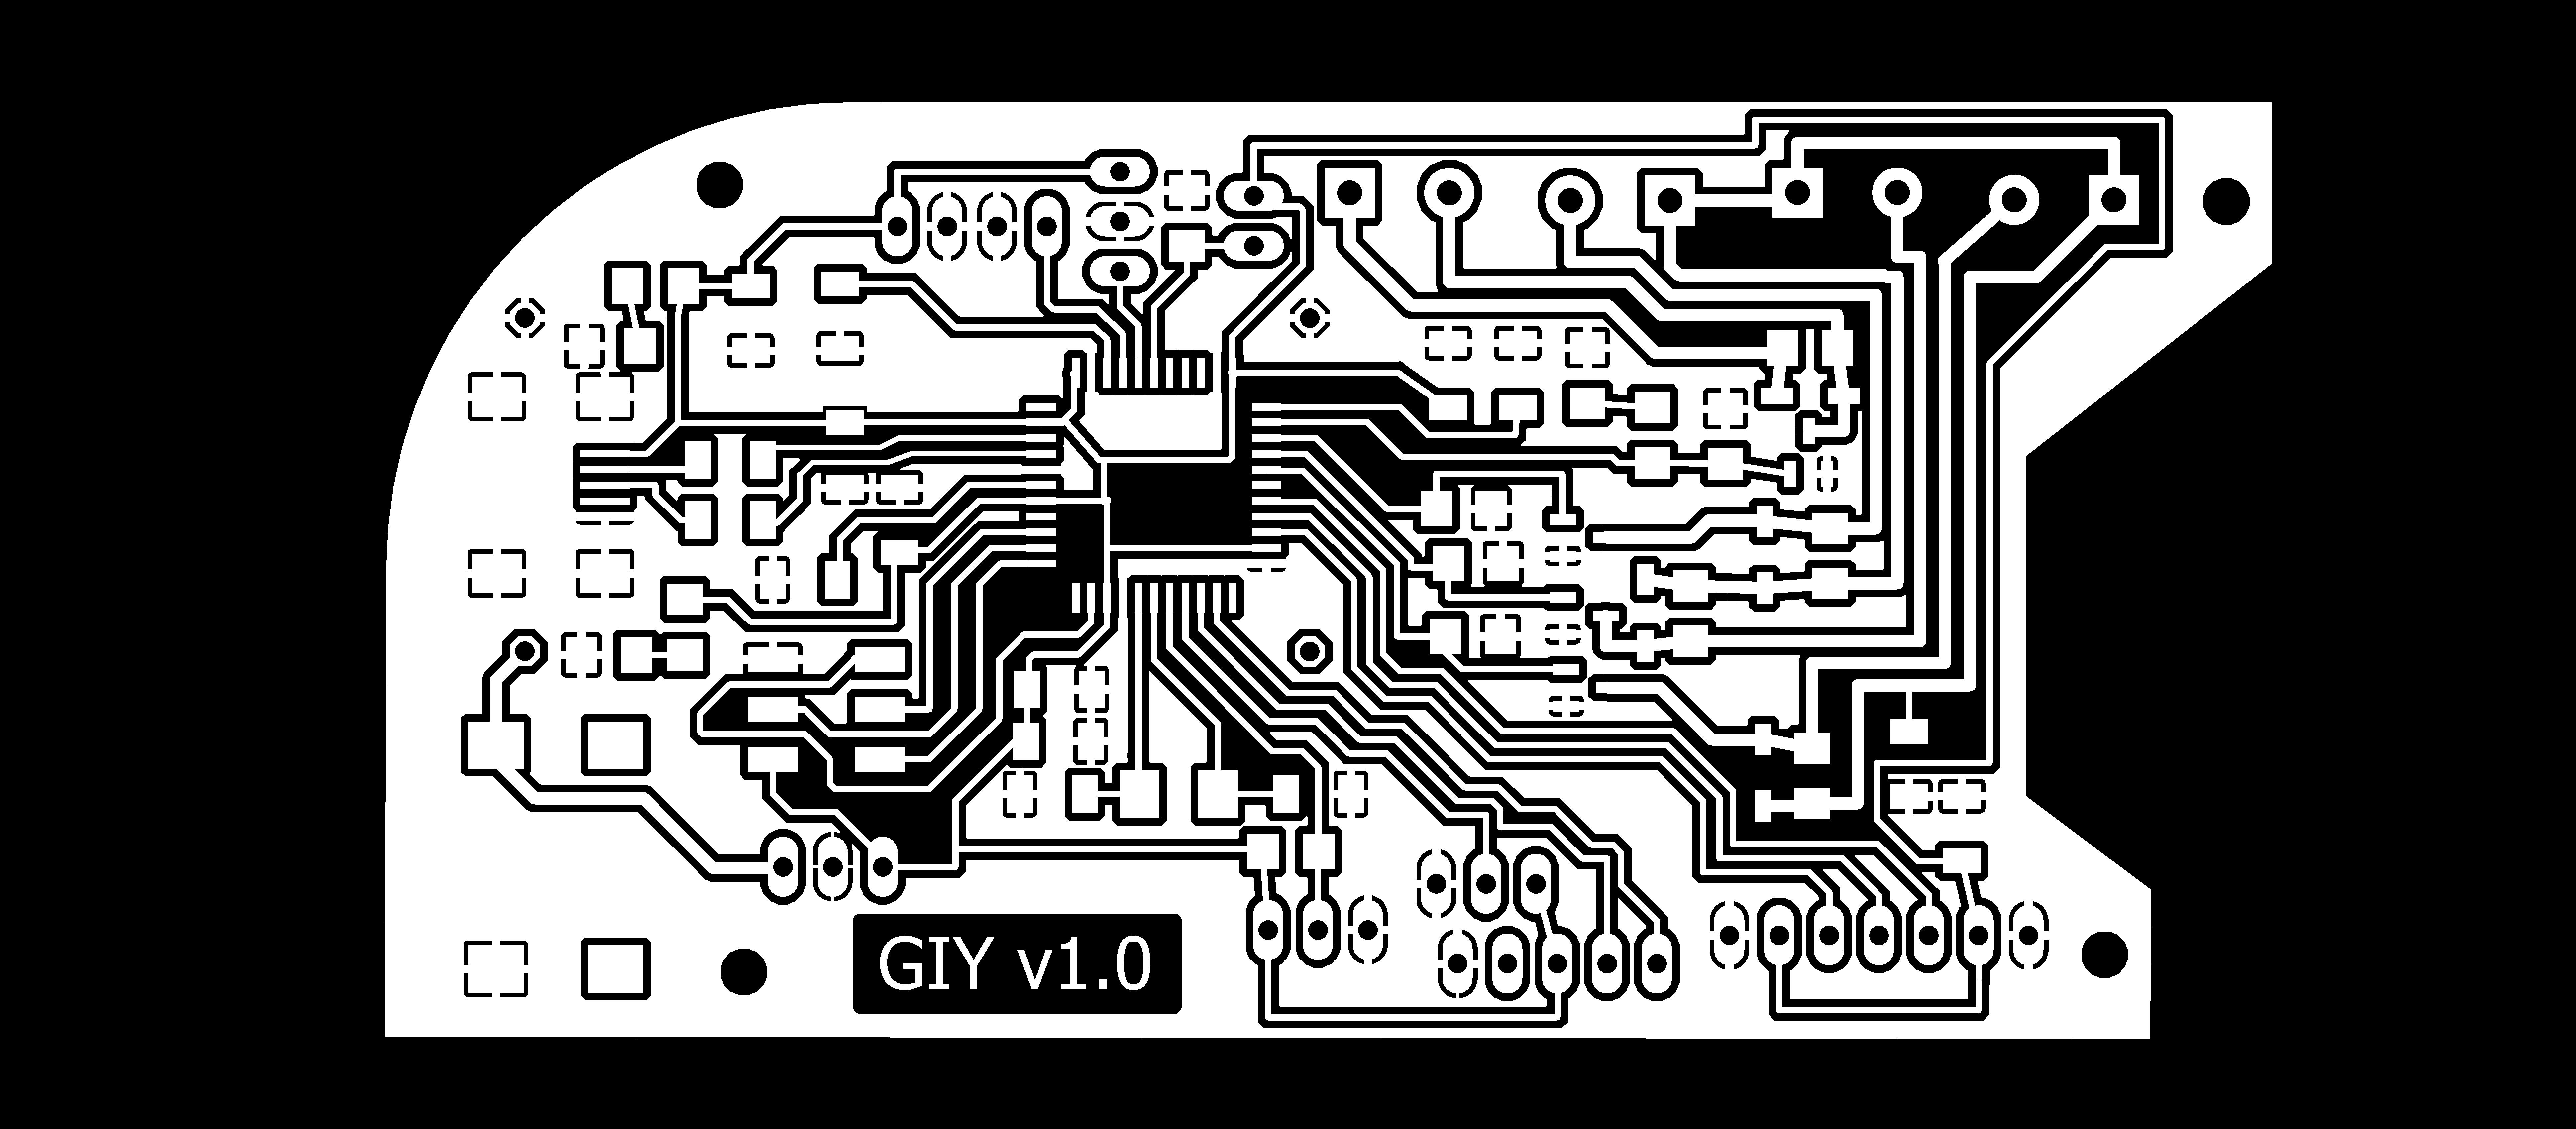 1 board iplcviig7n